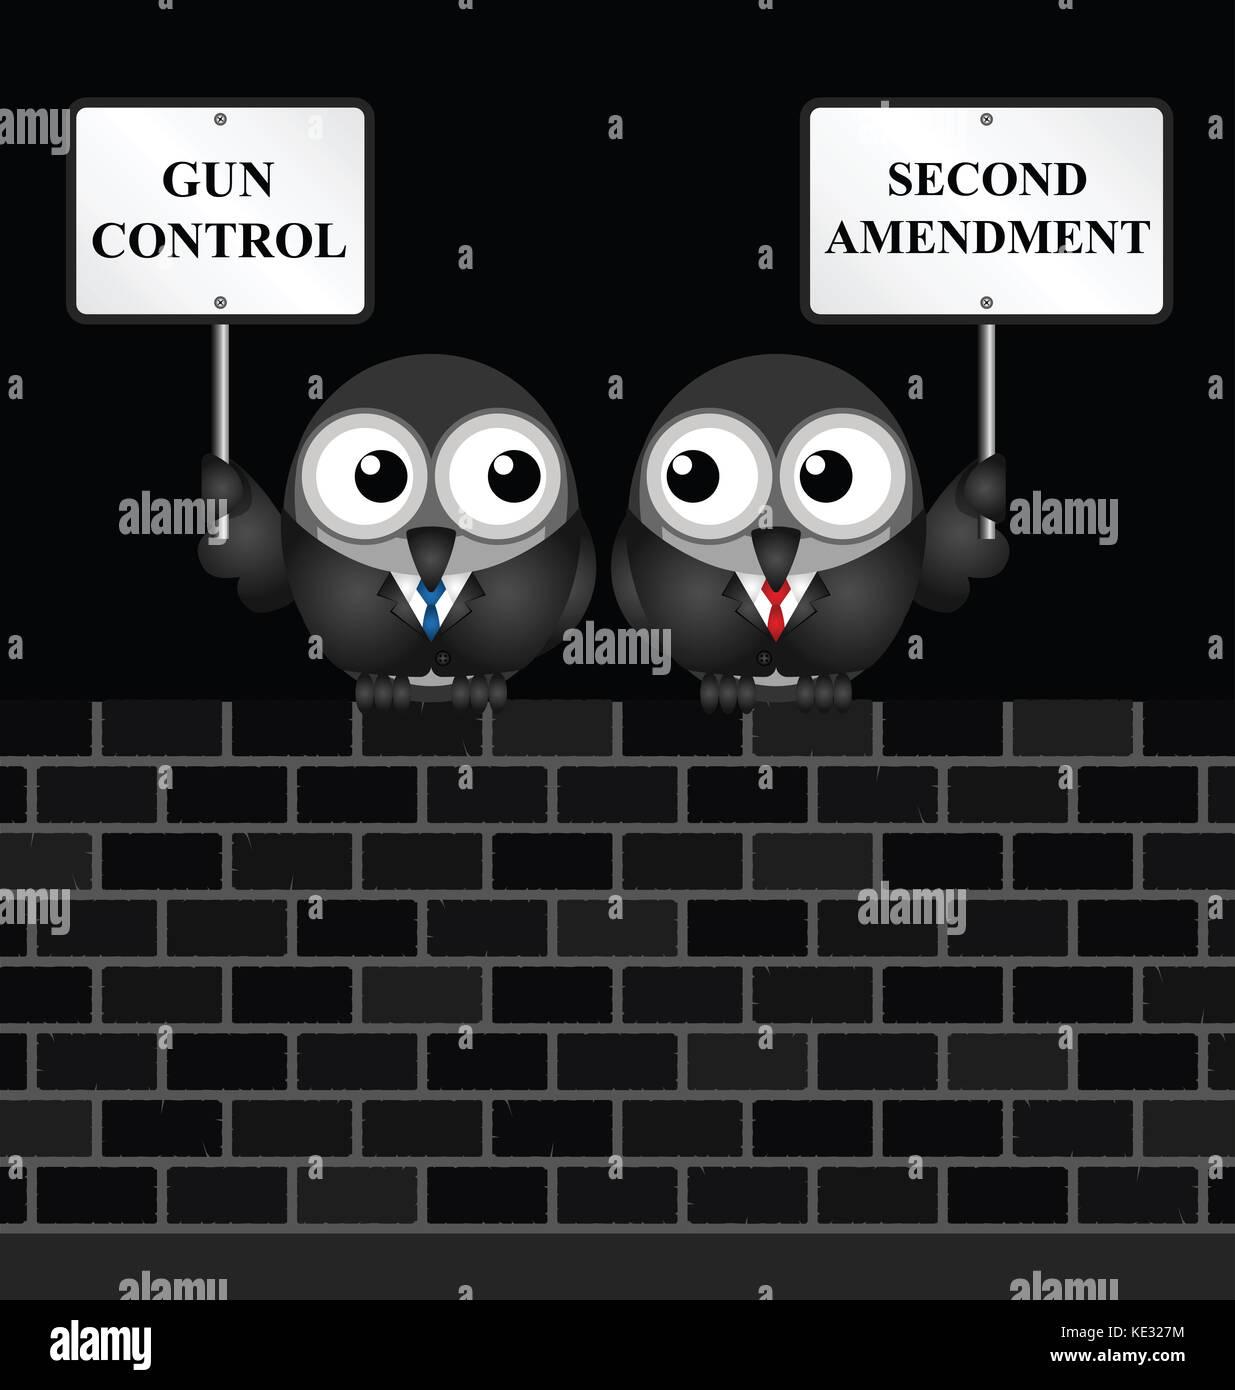 Gun Control Verse in den usa zweite Änderung und das Recht, Waffen zu halten und tragen Stockbild